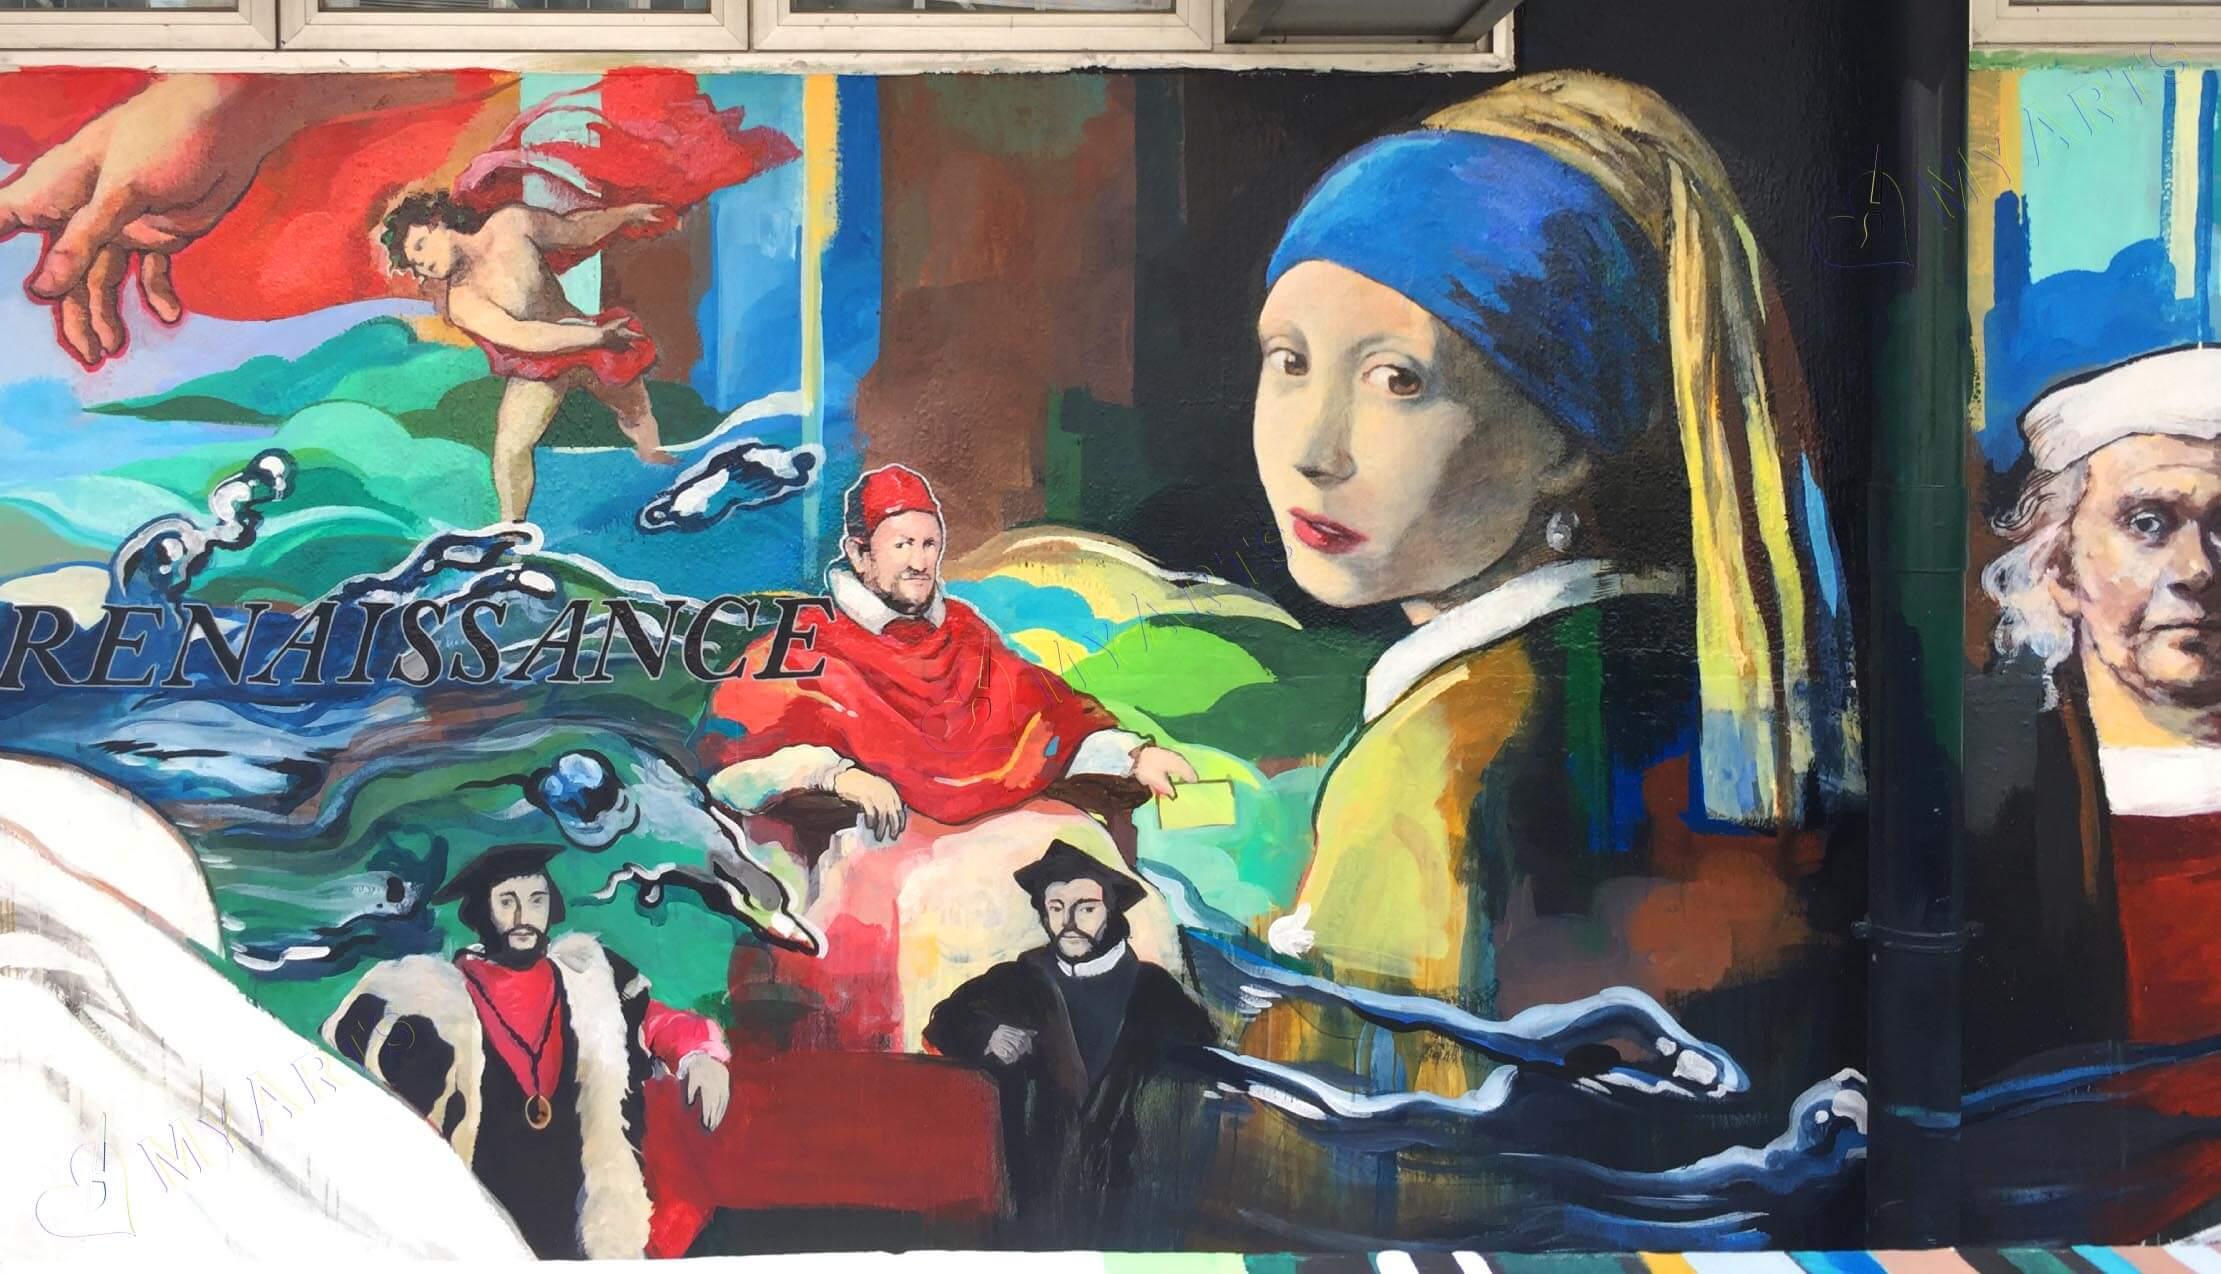 壁畫服務|壁畫工作坊|壁畫設計